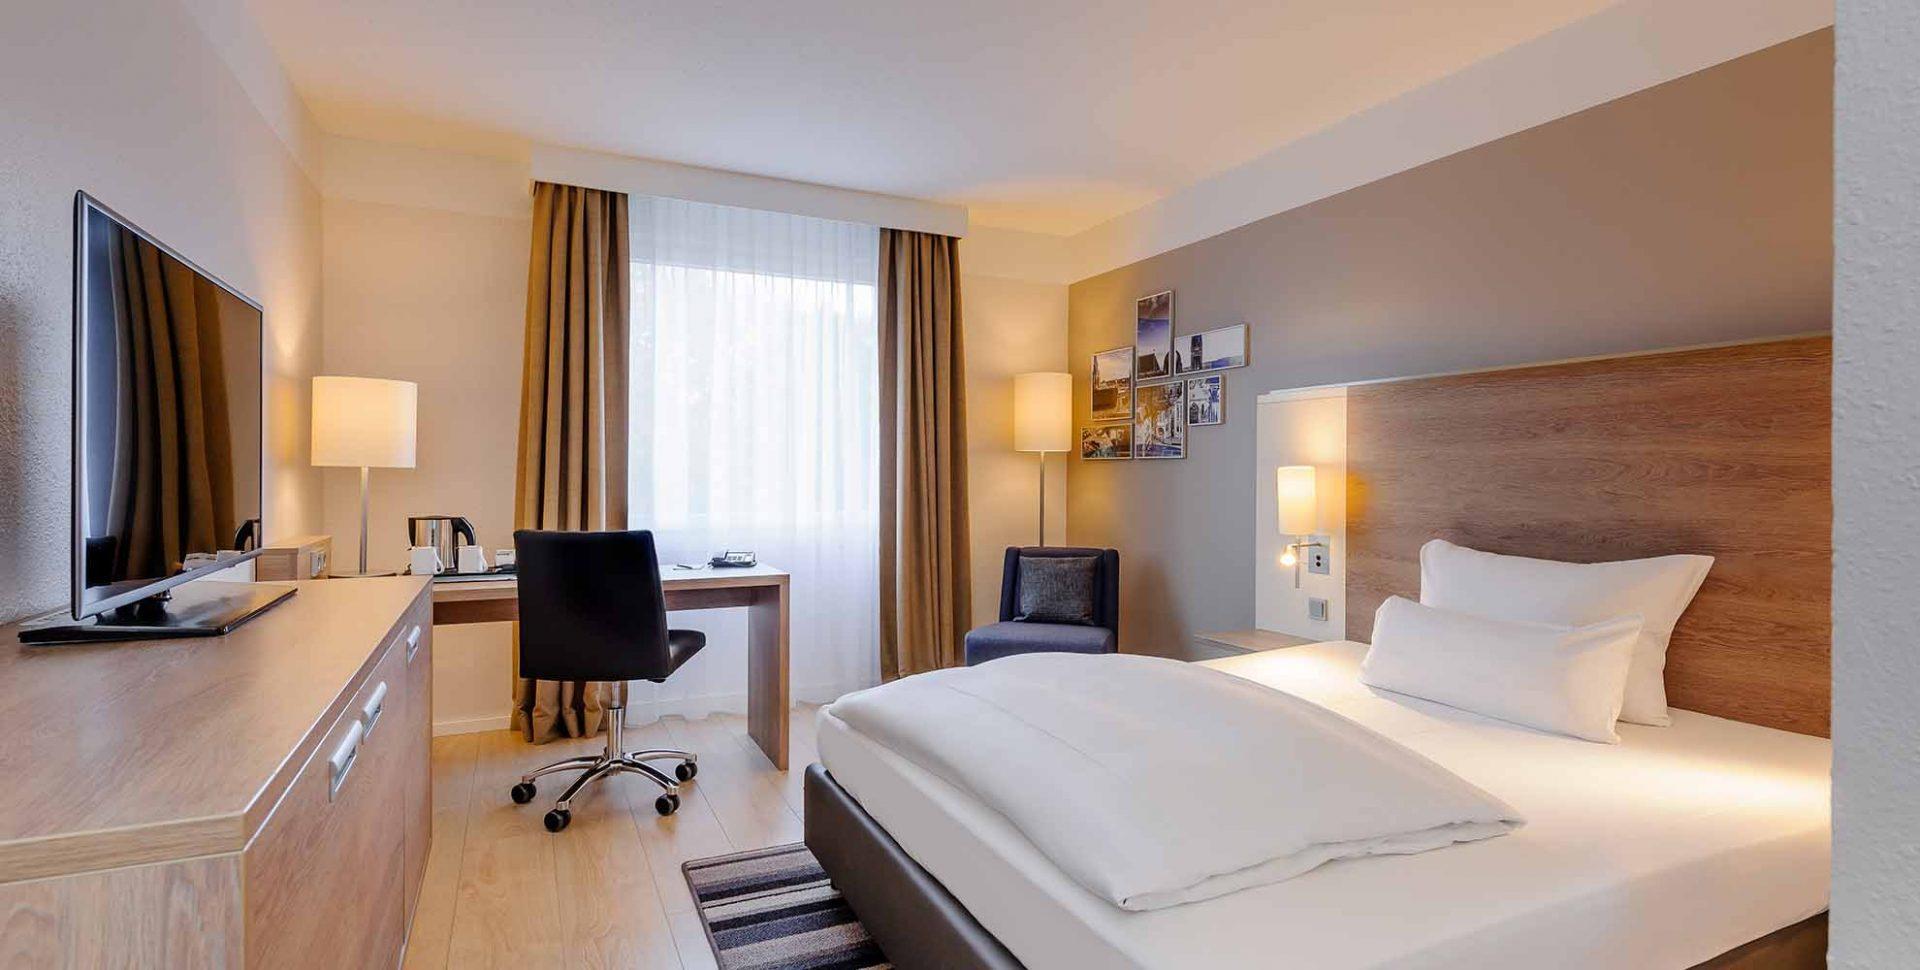 Mercure Hotel Aachen Eutopaplatz